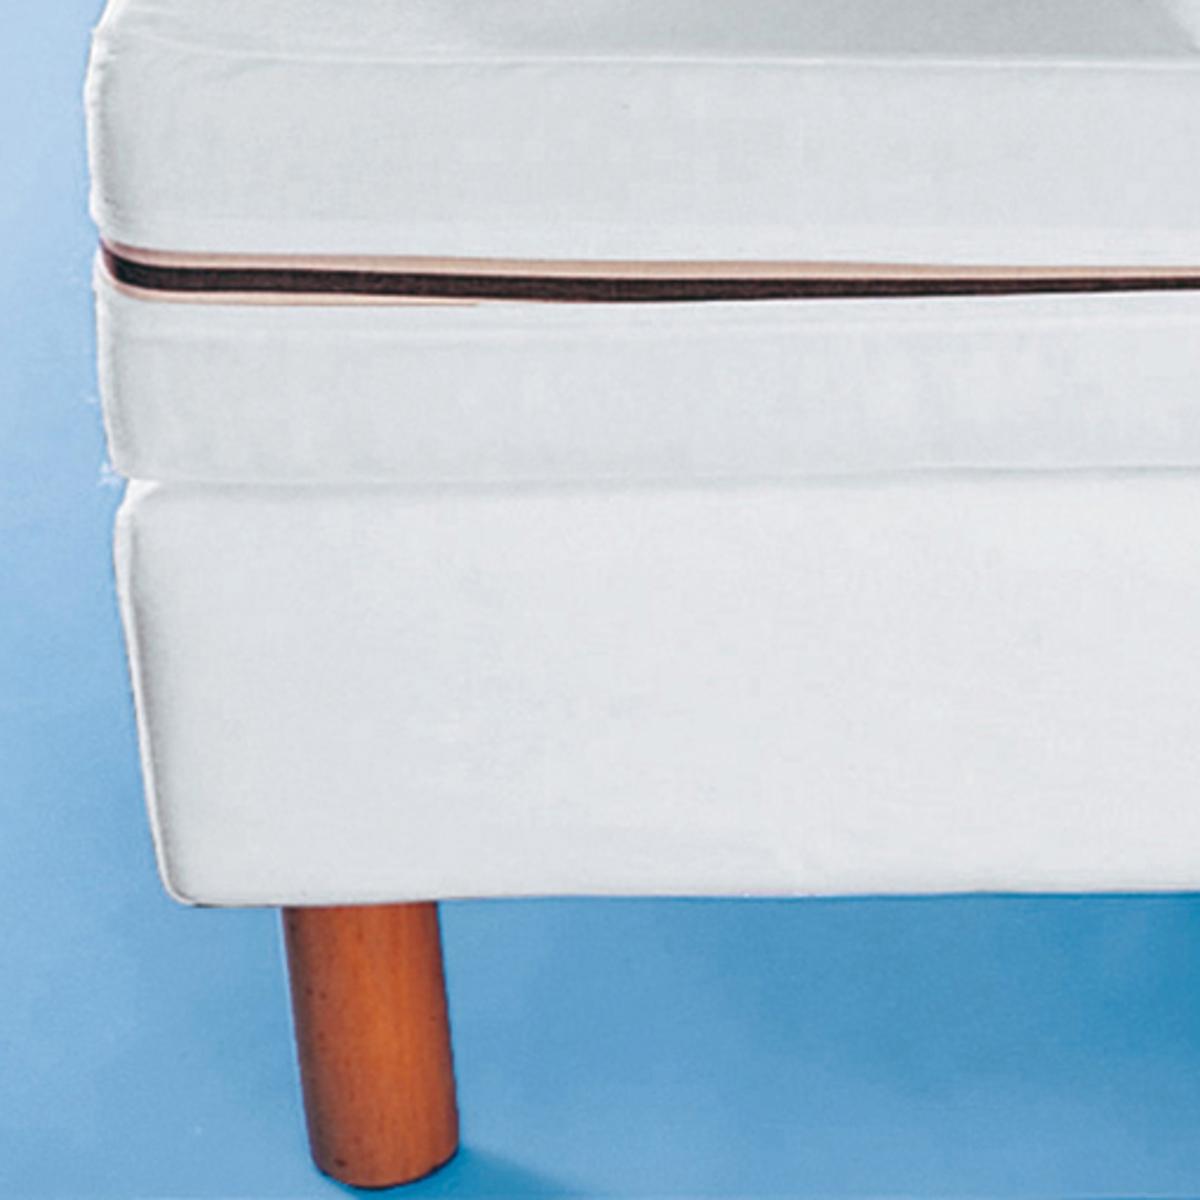 Наматрасник цельный для матраса толщ. от 15 до 18 смЦельный наматрасник из нетканого материала для матраса толщиной 15-18 см 100 % полиэстер, легко надевается: застежка на молнию с 2 сторон.Легкость ухода : Машинная стирка 40°, не требует глажки.<br><br>Цвет: белый,синий<br>Размер: 90 x 190 см